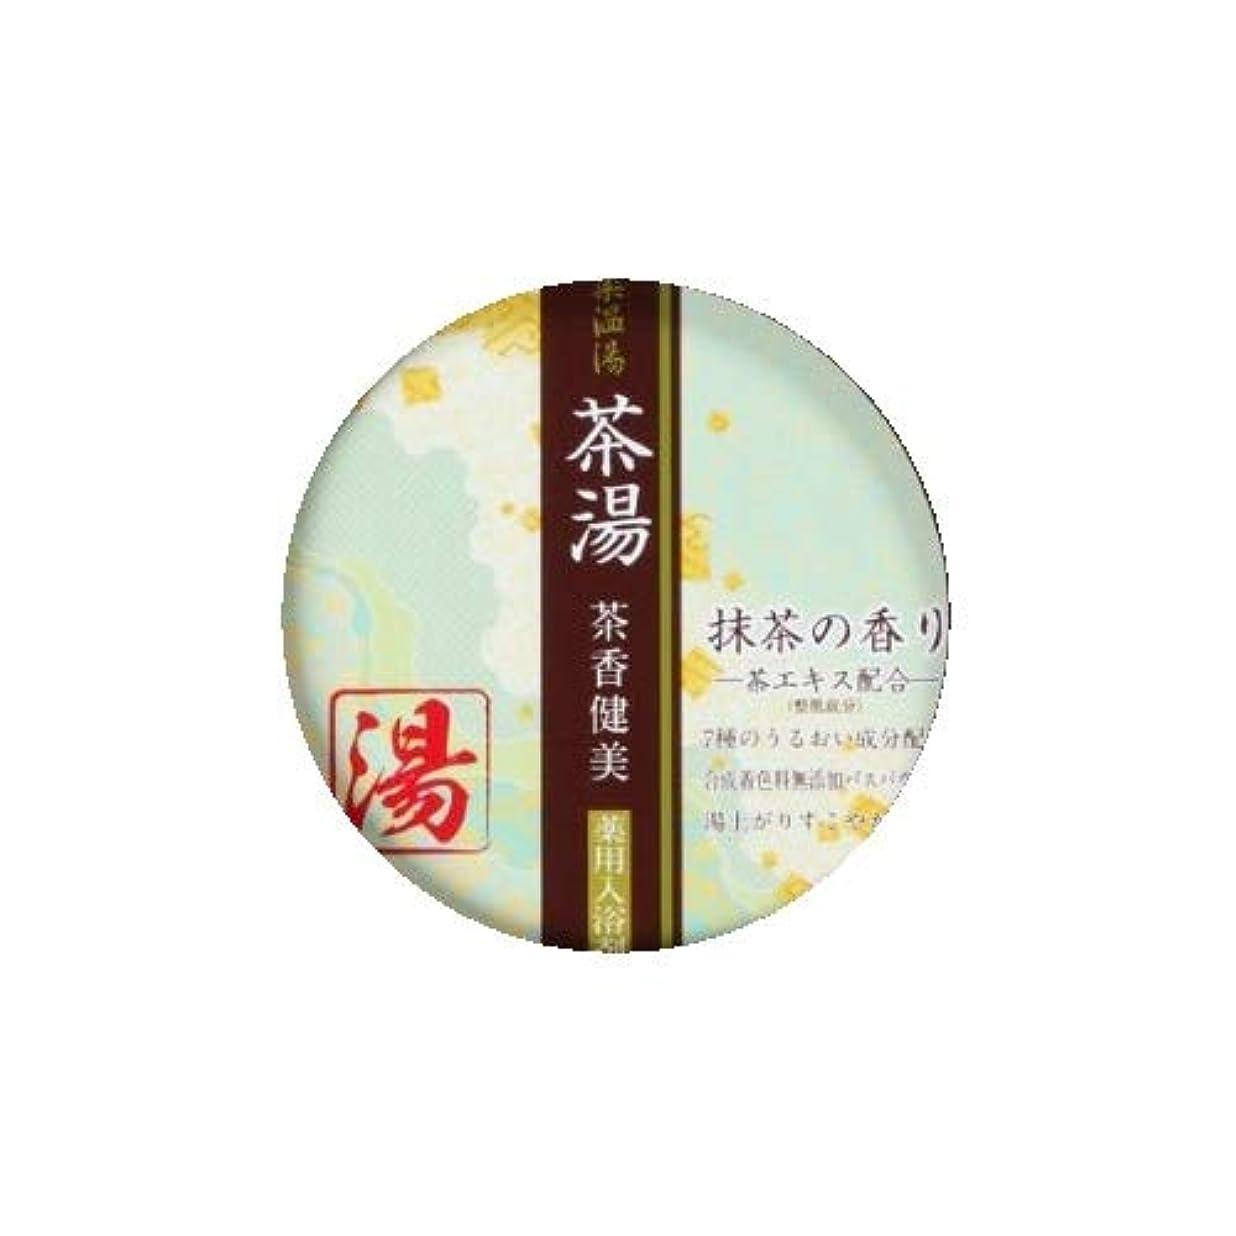 変装決して増幅する薬温湯 茶湯 入浴料 抹茶の香り POF-10M